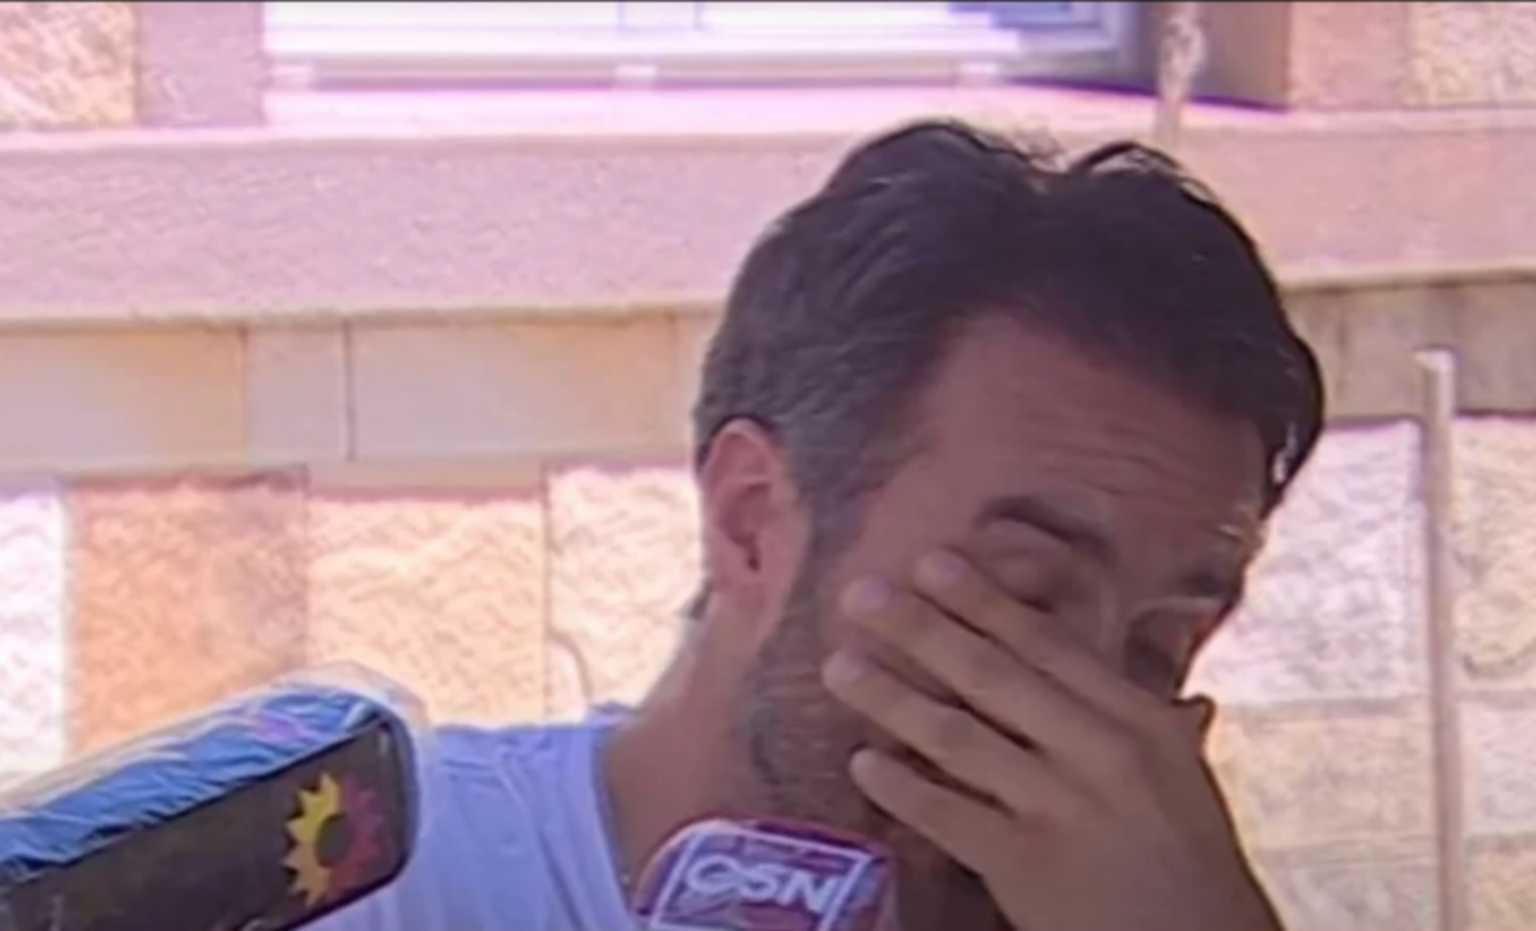 """Αρνήθηκε με δάκρυα την αμέλεια ο γιατρός του Μαραντόνα! """"Με έδιωχνε και δεν μπορούσα να τον πάω σε τρελάδικο"""""""